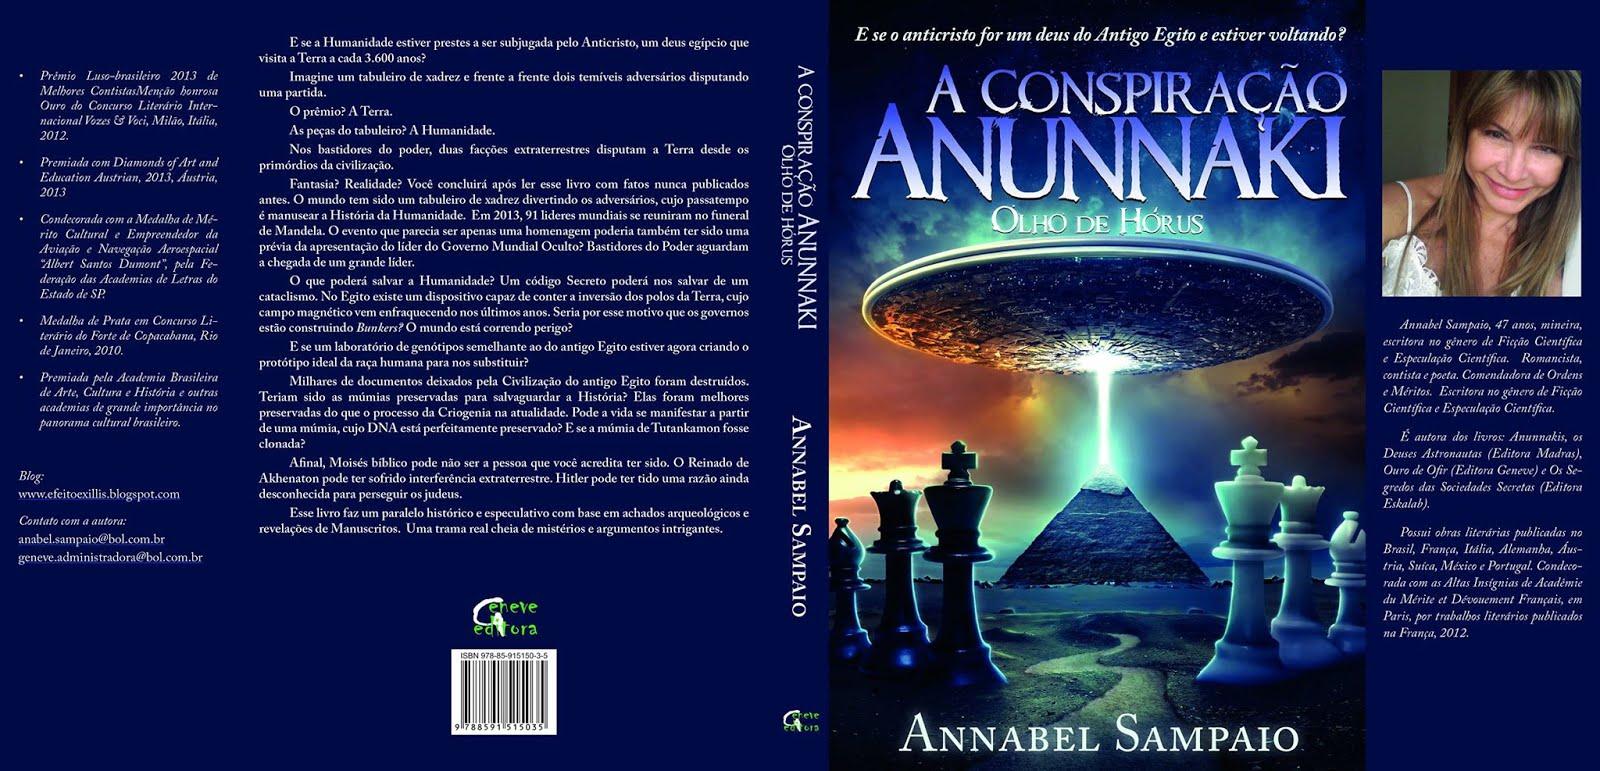 Novo livro! A Conspiração Anunnaki